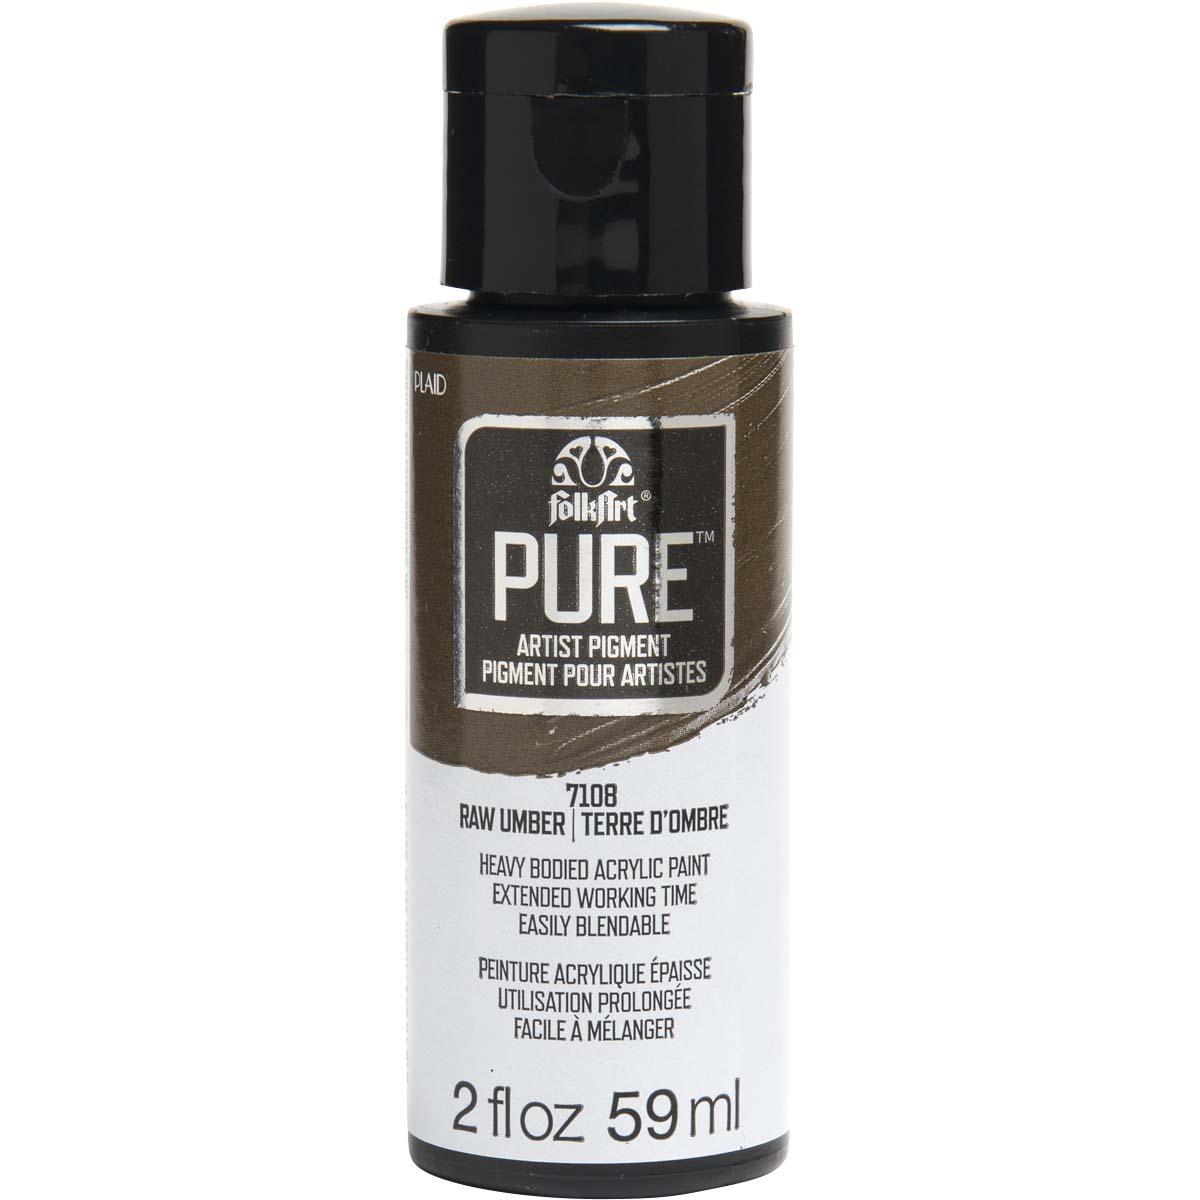 FolkArt ® Pure™ Artist Pigment - Raw Umber, 2 oz. - 7108